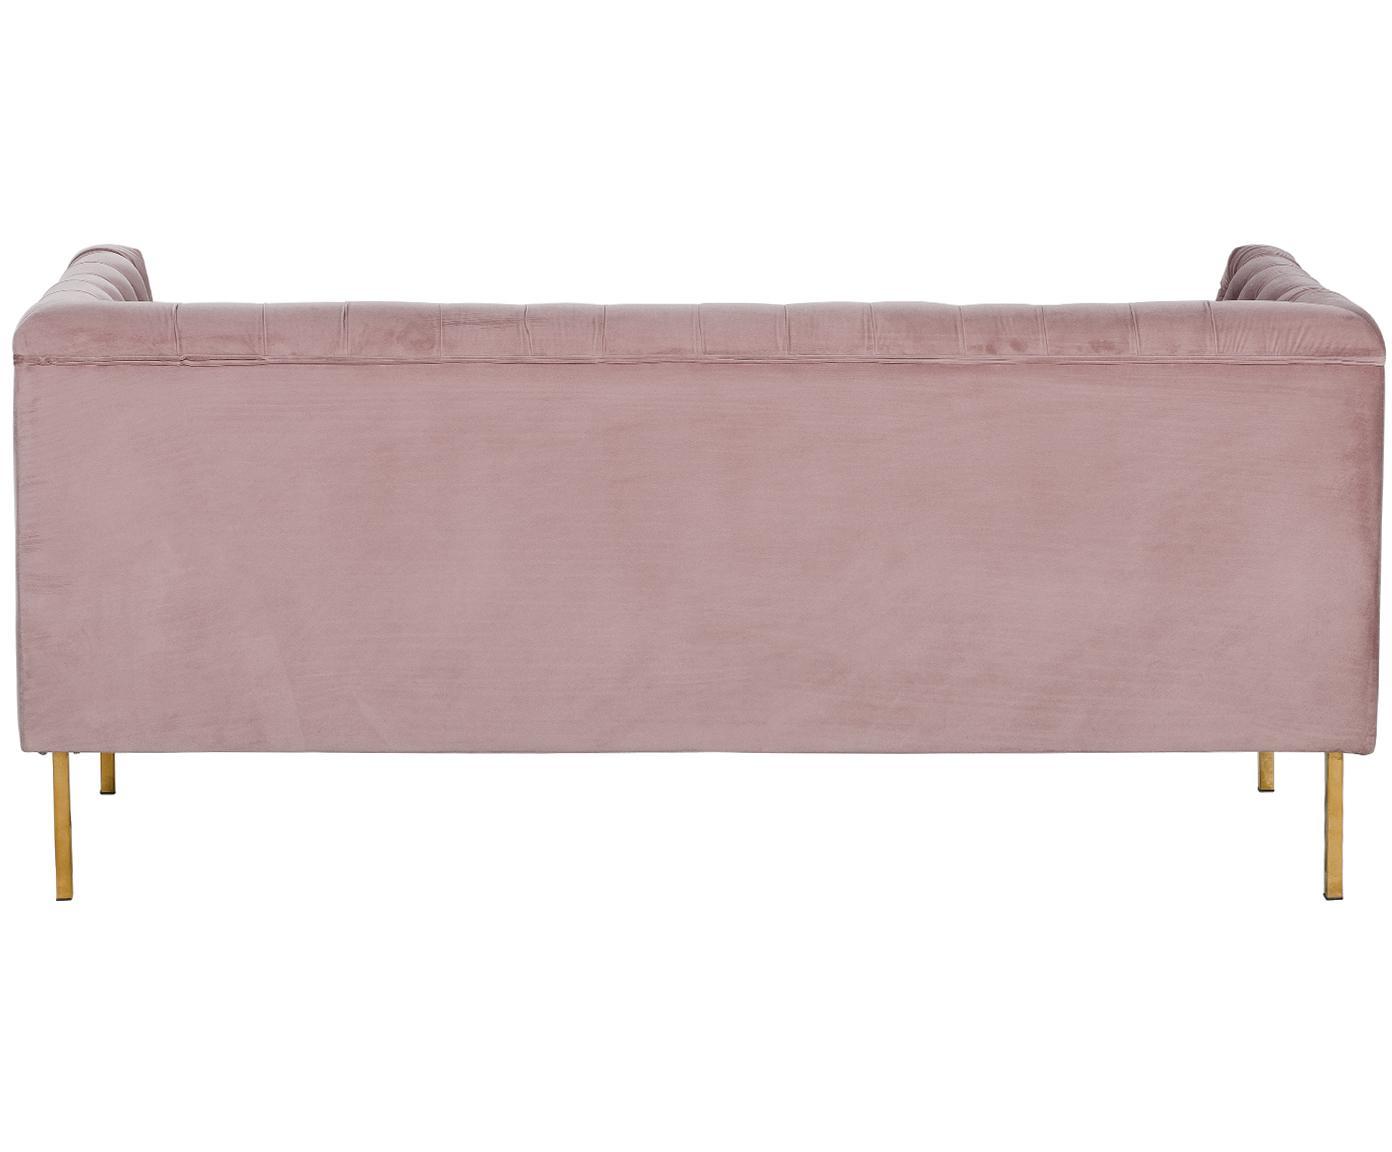 Sofa Chesterfield z aksamitu Chiara (2-osobowa), Tapicerka: aksamit (poliester) 20 00, Stelaż: lite drewno brzozowe, Nogi: metal galwanizowany, Blady różowy, S 170 x G 72 cm